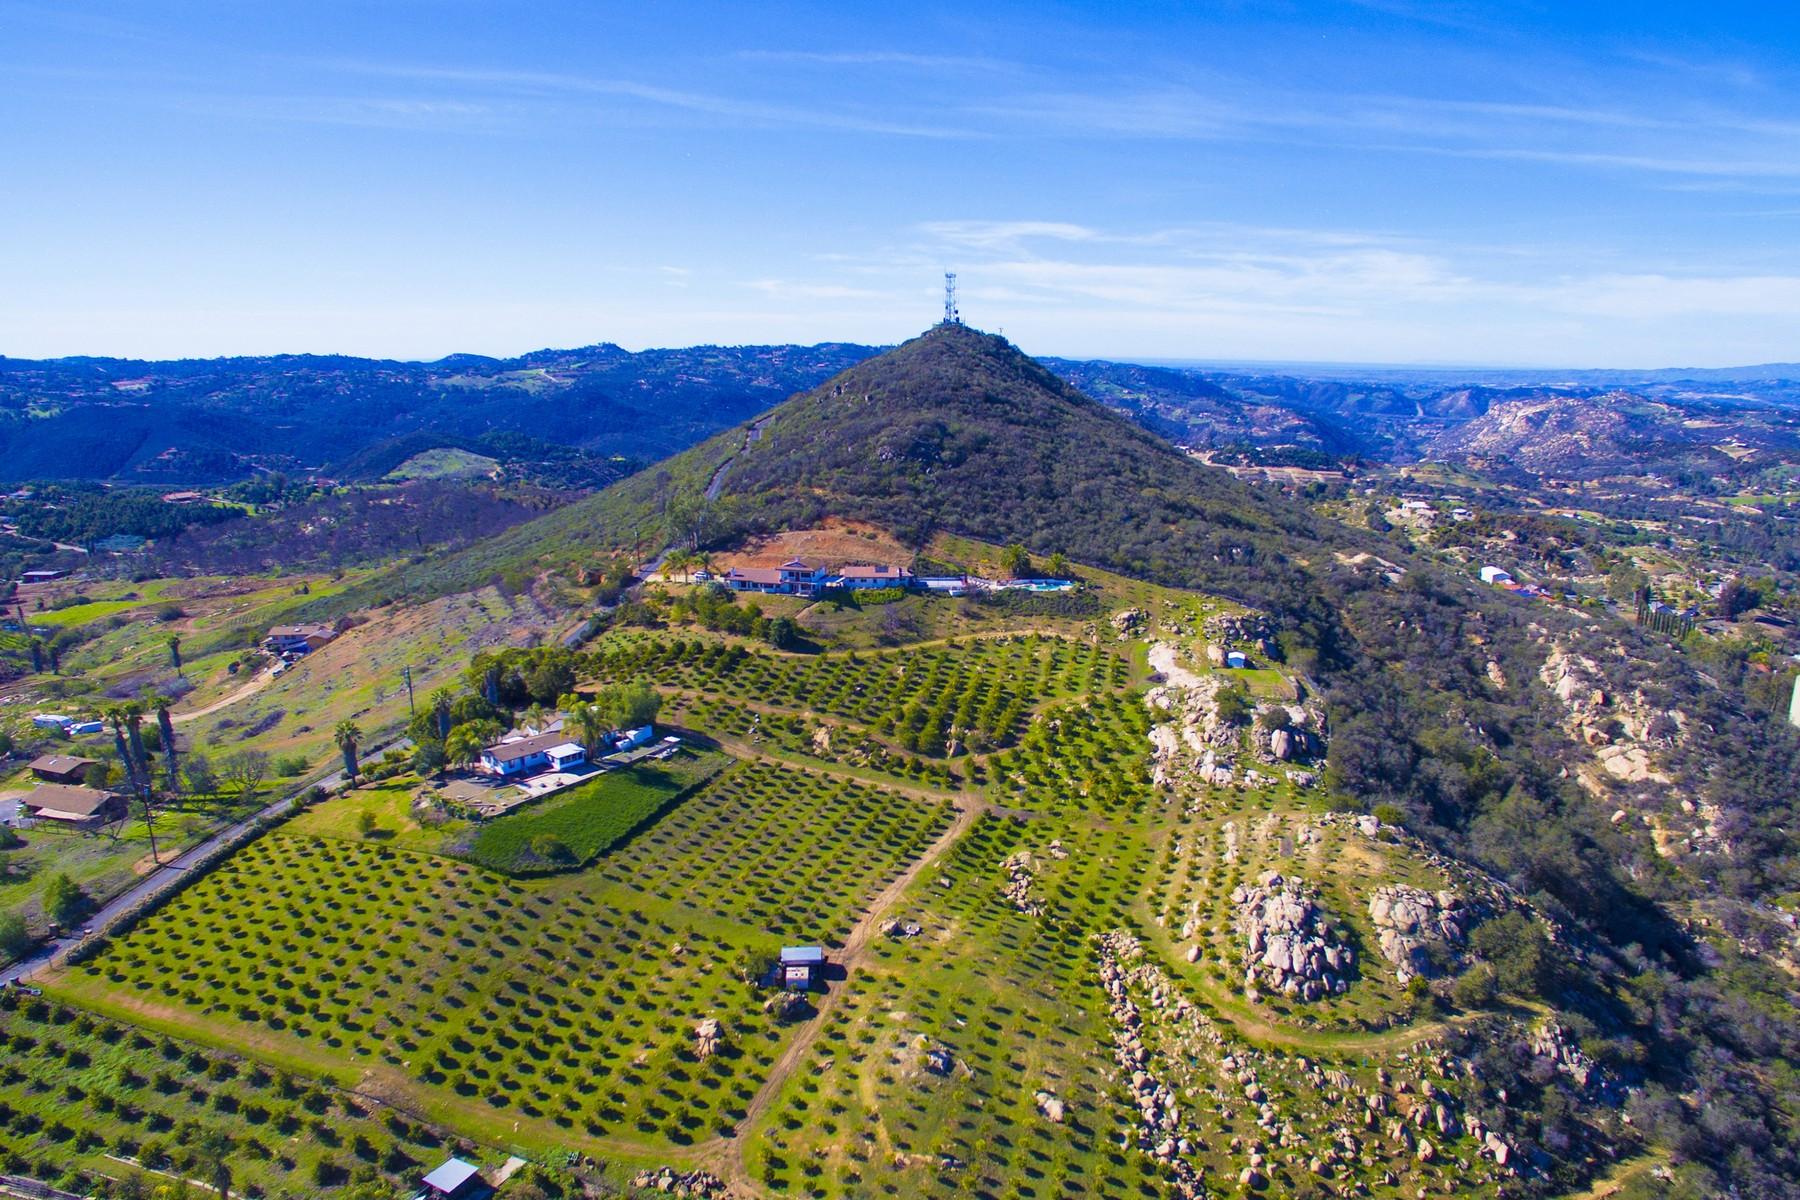 Single Family Homes for Sale at Sierra Rojo Ln 29507 Sierra Rojo Lane Valley Center, California 92082 United States